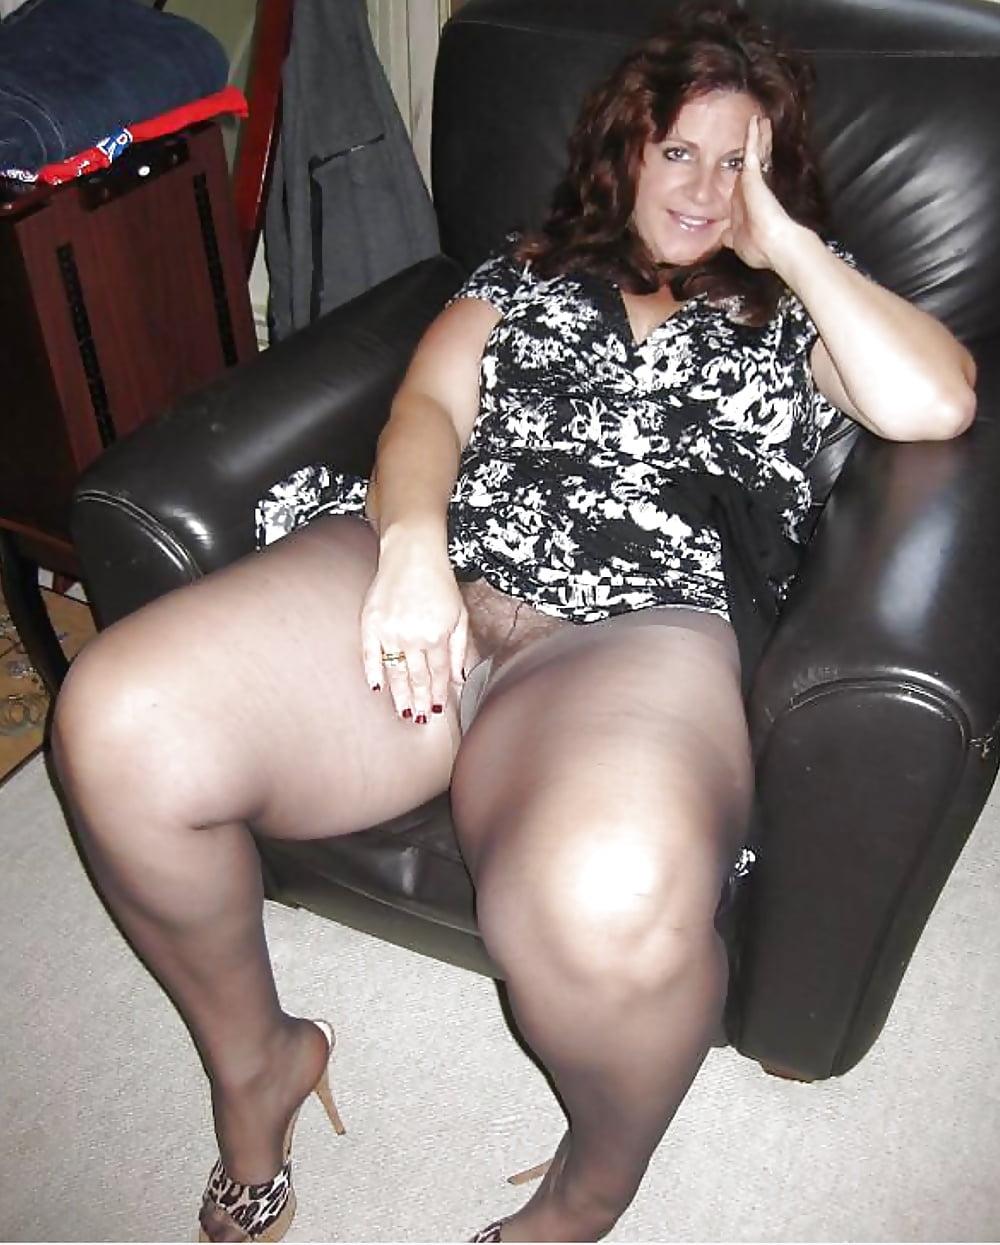 Фото голых дам с толстыми ляжками, индивидуалки проверенные видео